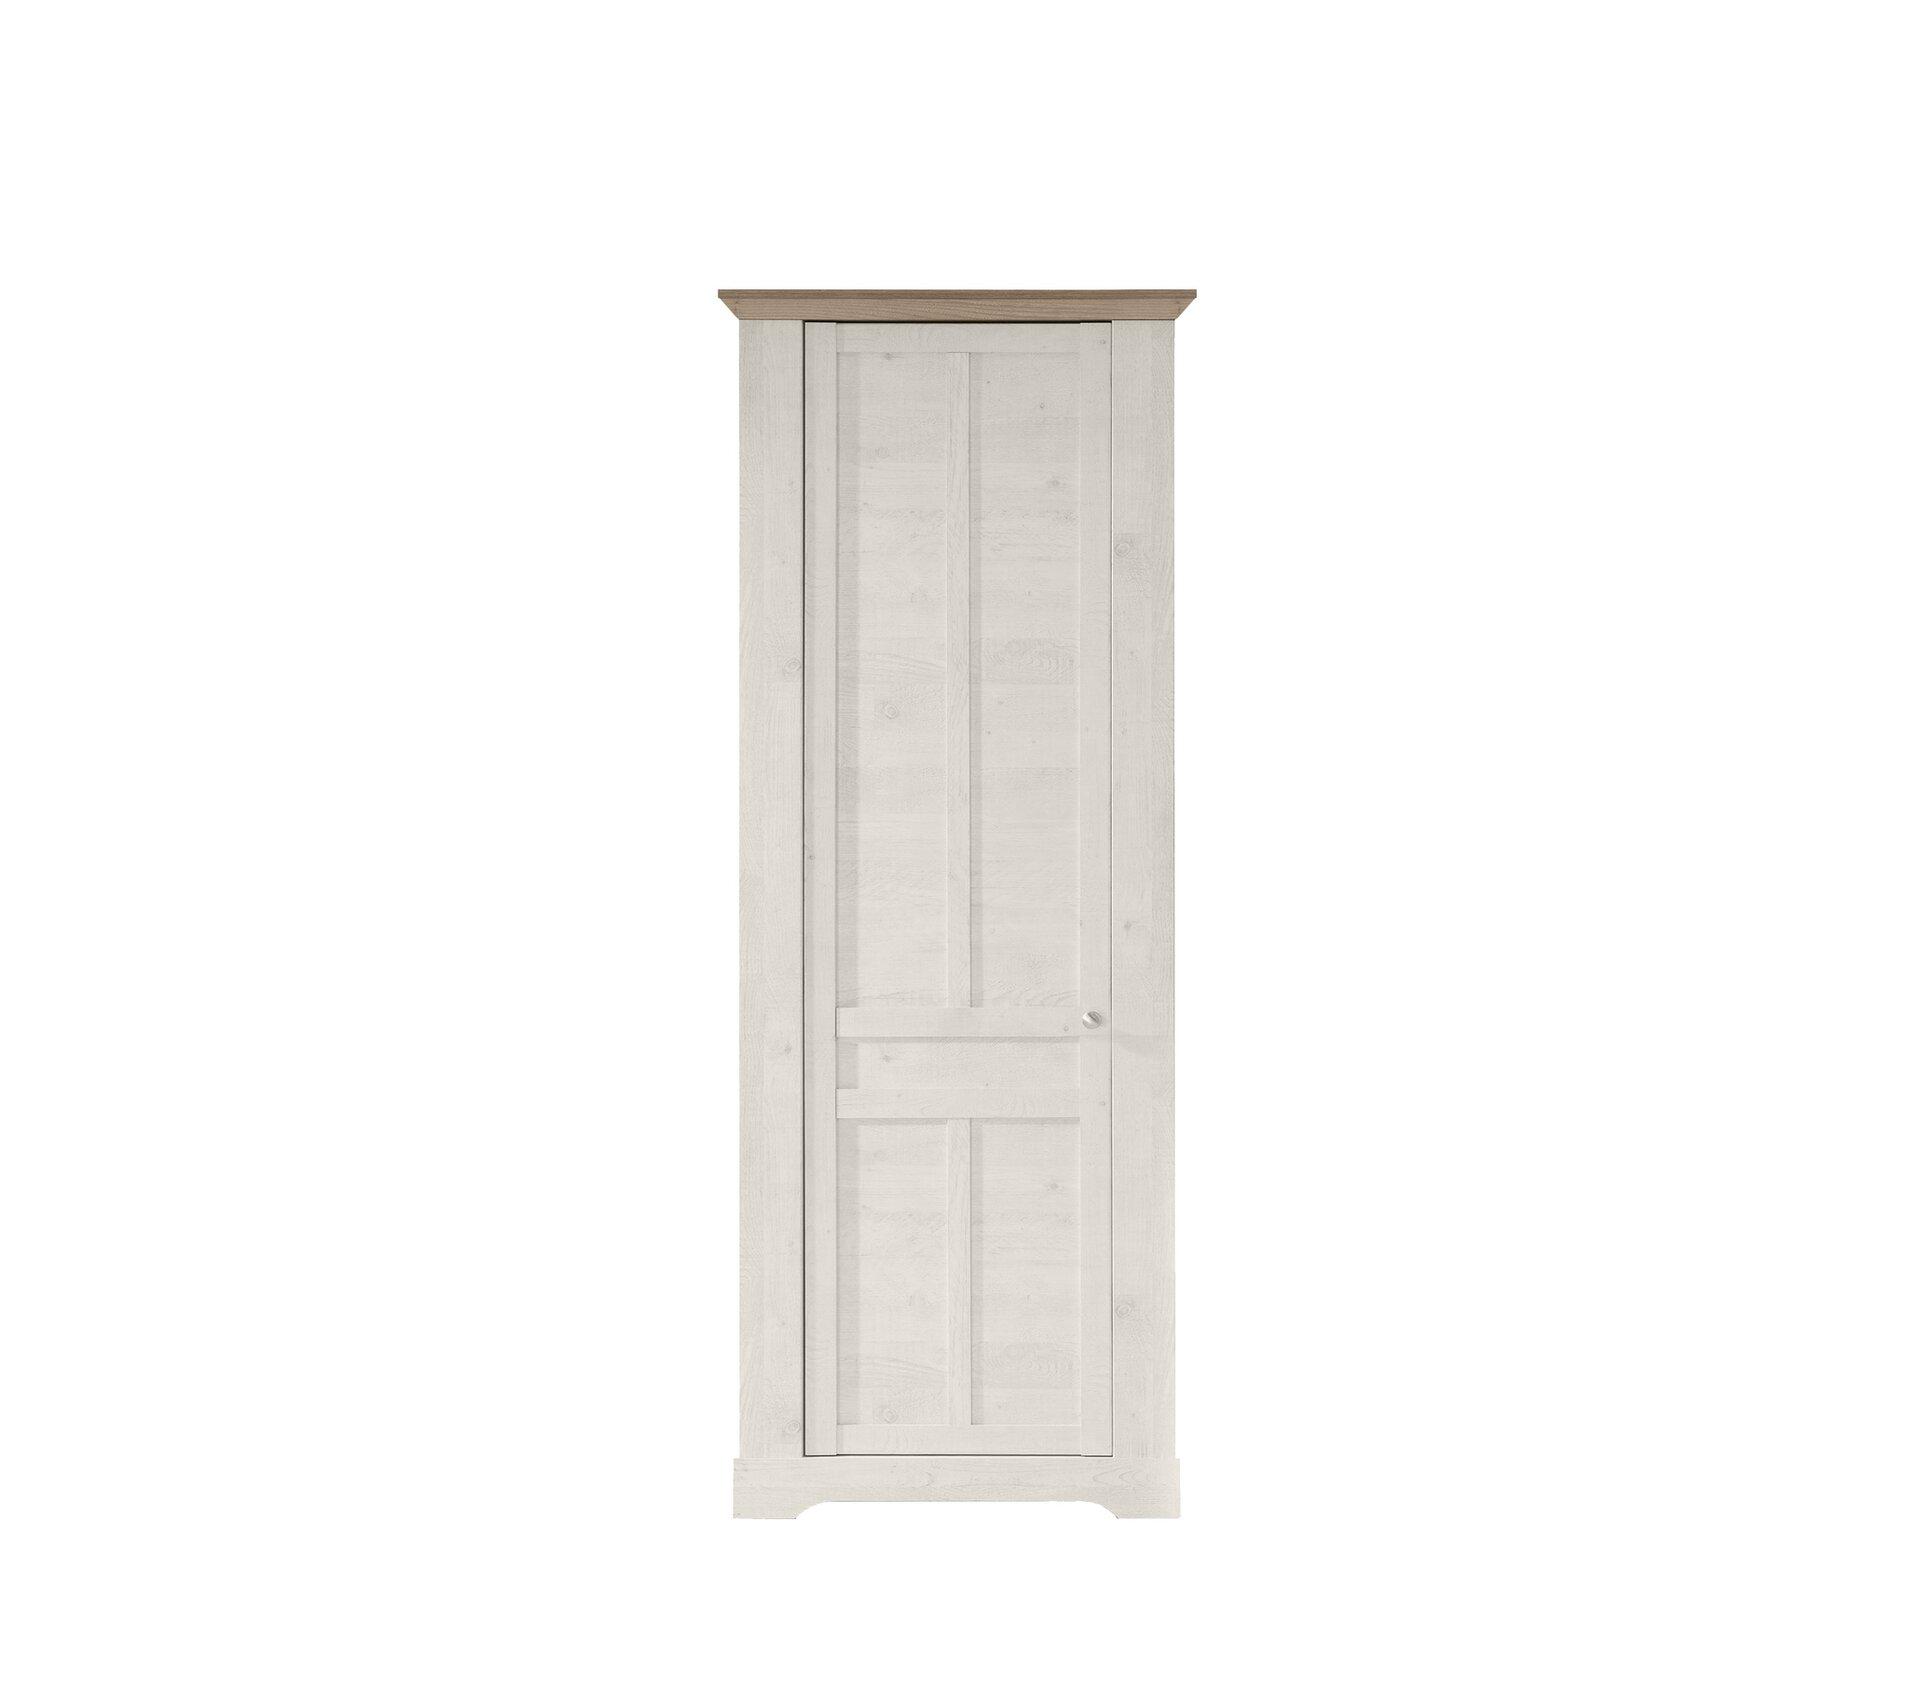 Garderobenschrank ALETTA SELF Holzwerkstoff weiß 44 x 210 x 76 cm